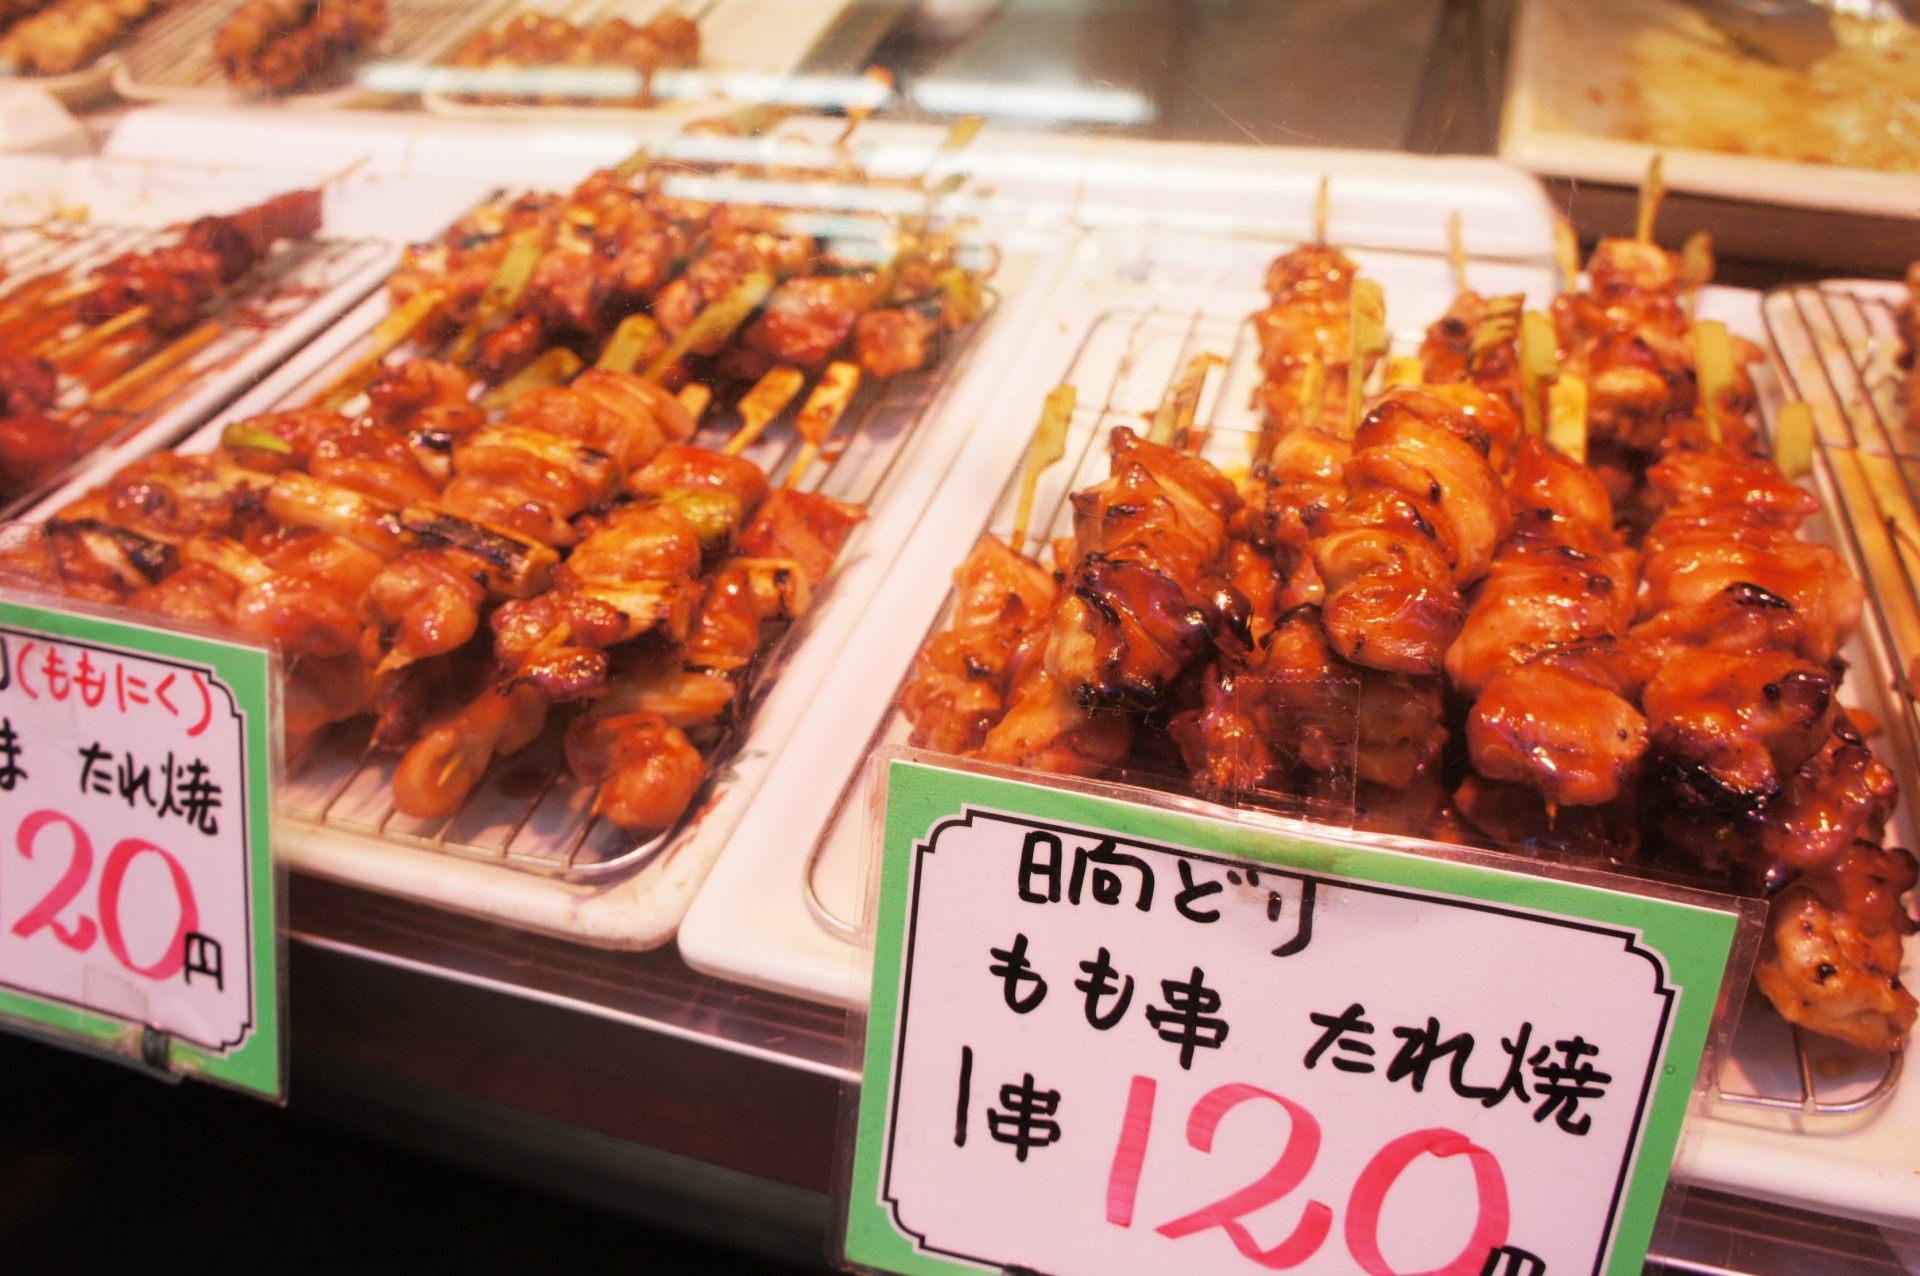 烤鸡肉串的店家